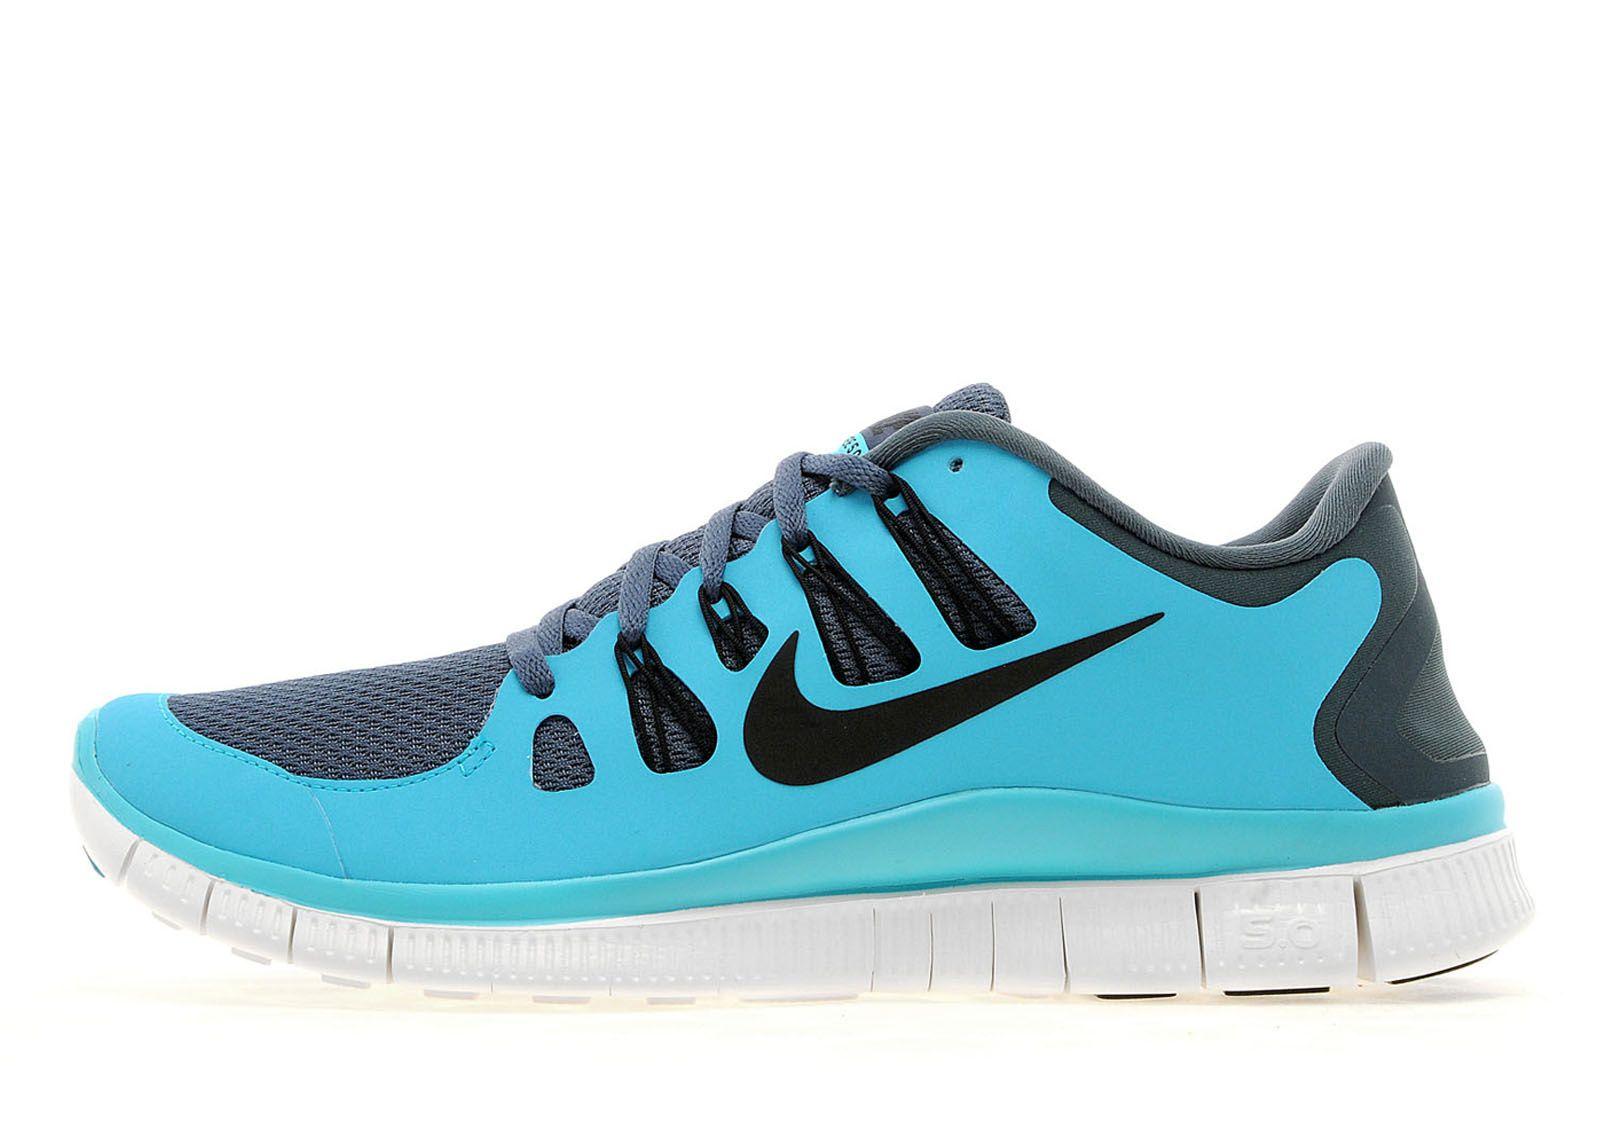 Nike Free Run+ 5.0